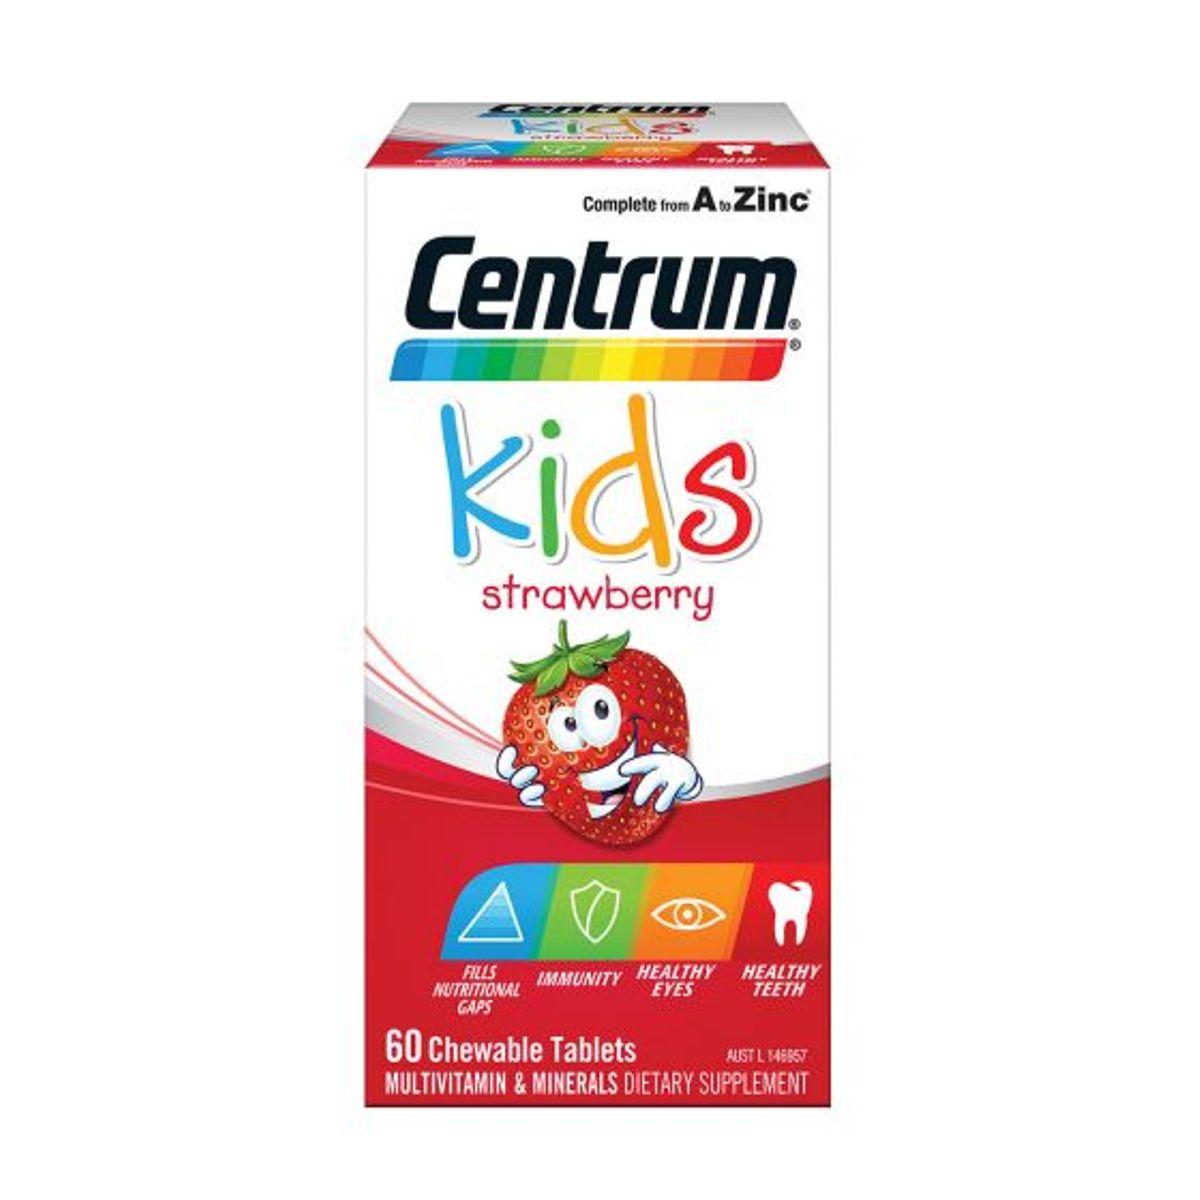 Centrum Kids Multivitamins & Minerals Strawberry 60 Chewable Tablets